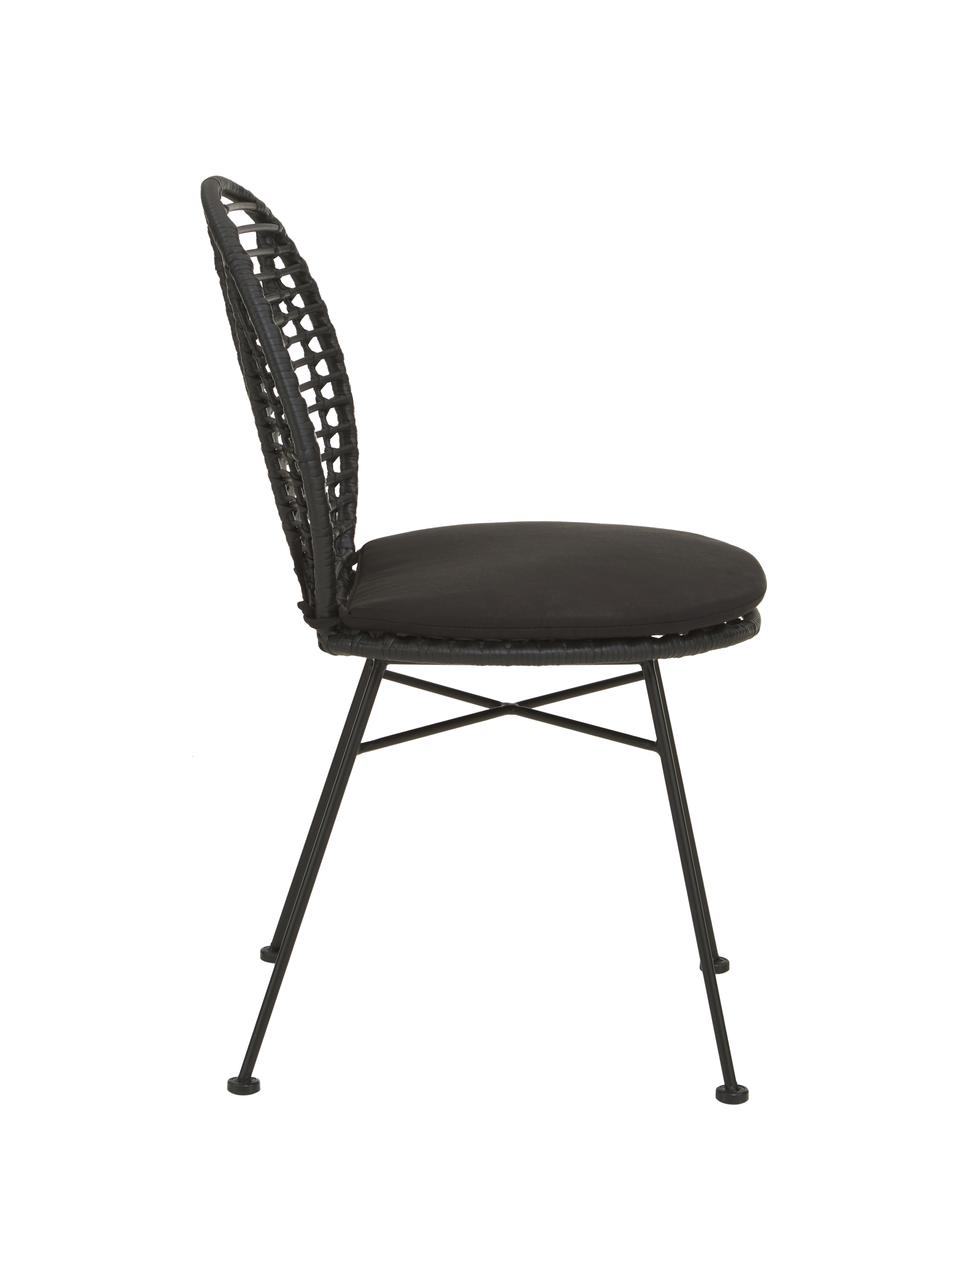 Polyrotan stoelen Cordula stoelkussen, 2 stuks, Zitvlak: polyethyleen vlechtwerk, Frame: gepoedercoat metaal, Zwart, 48 x 57 cm